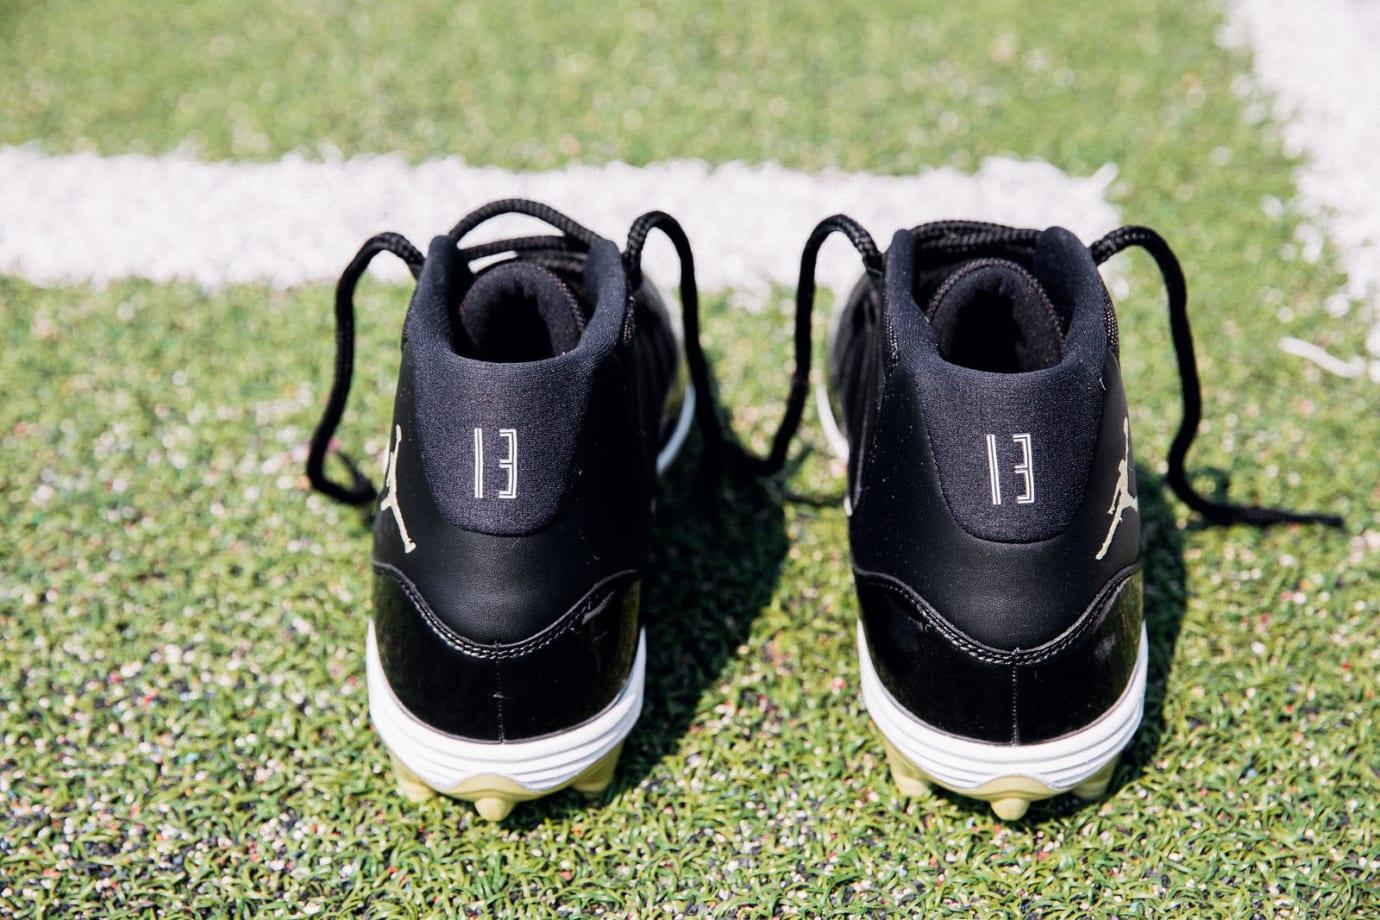 a8ce8018f3f ... Air Jordan 11 Cleats Michael Thomas PE (Heel)